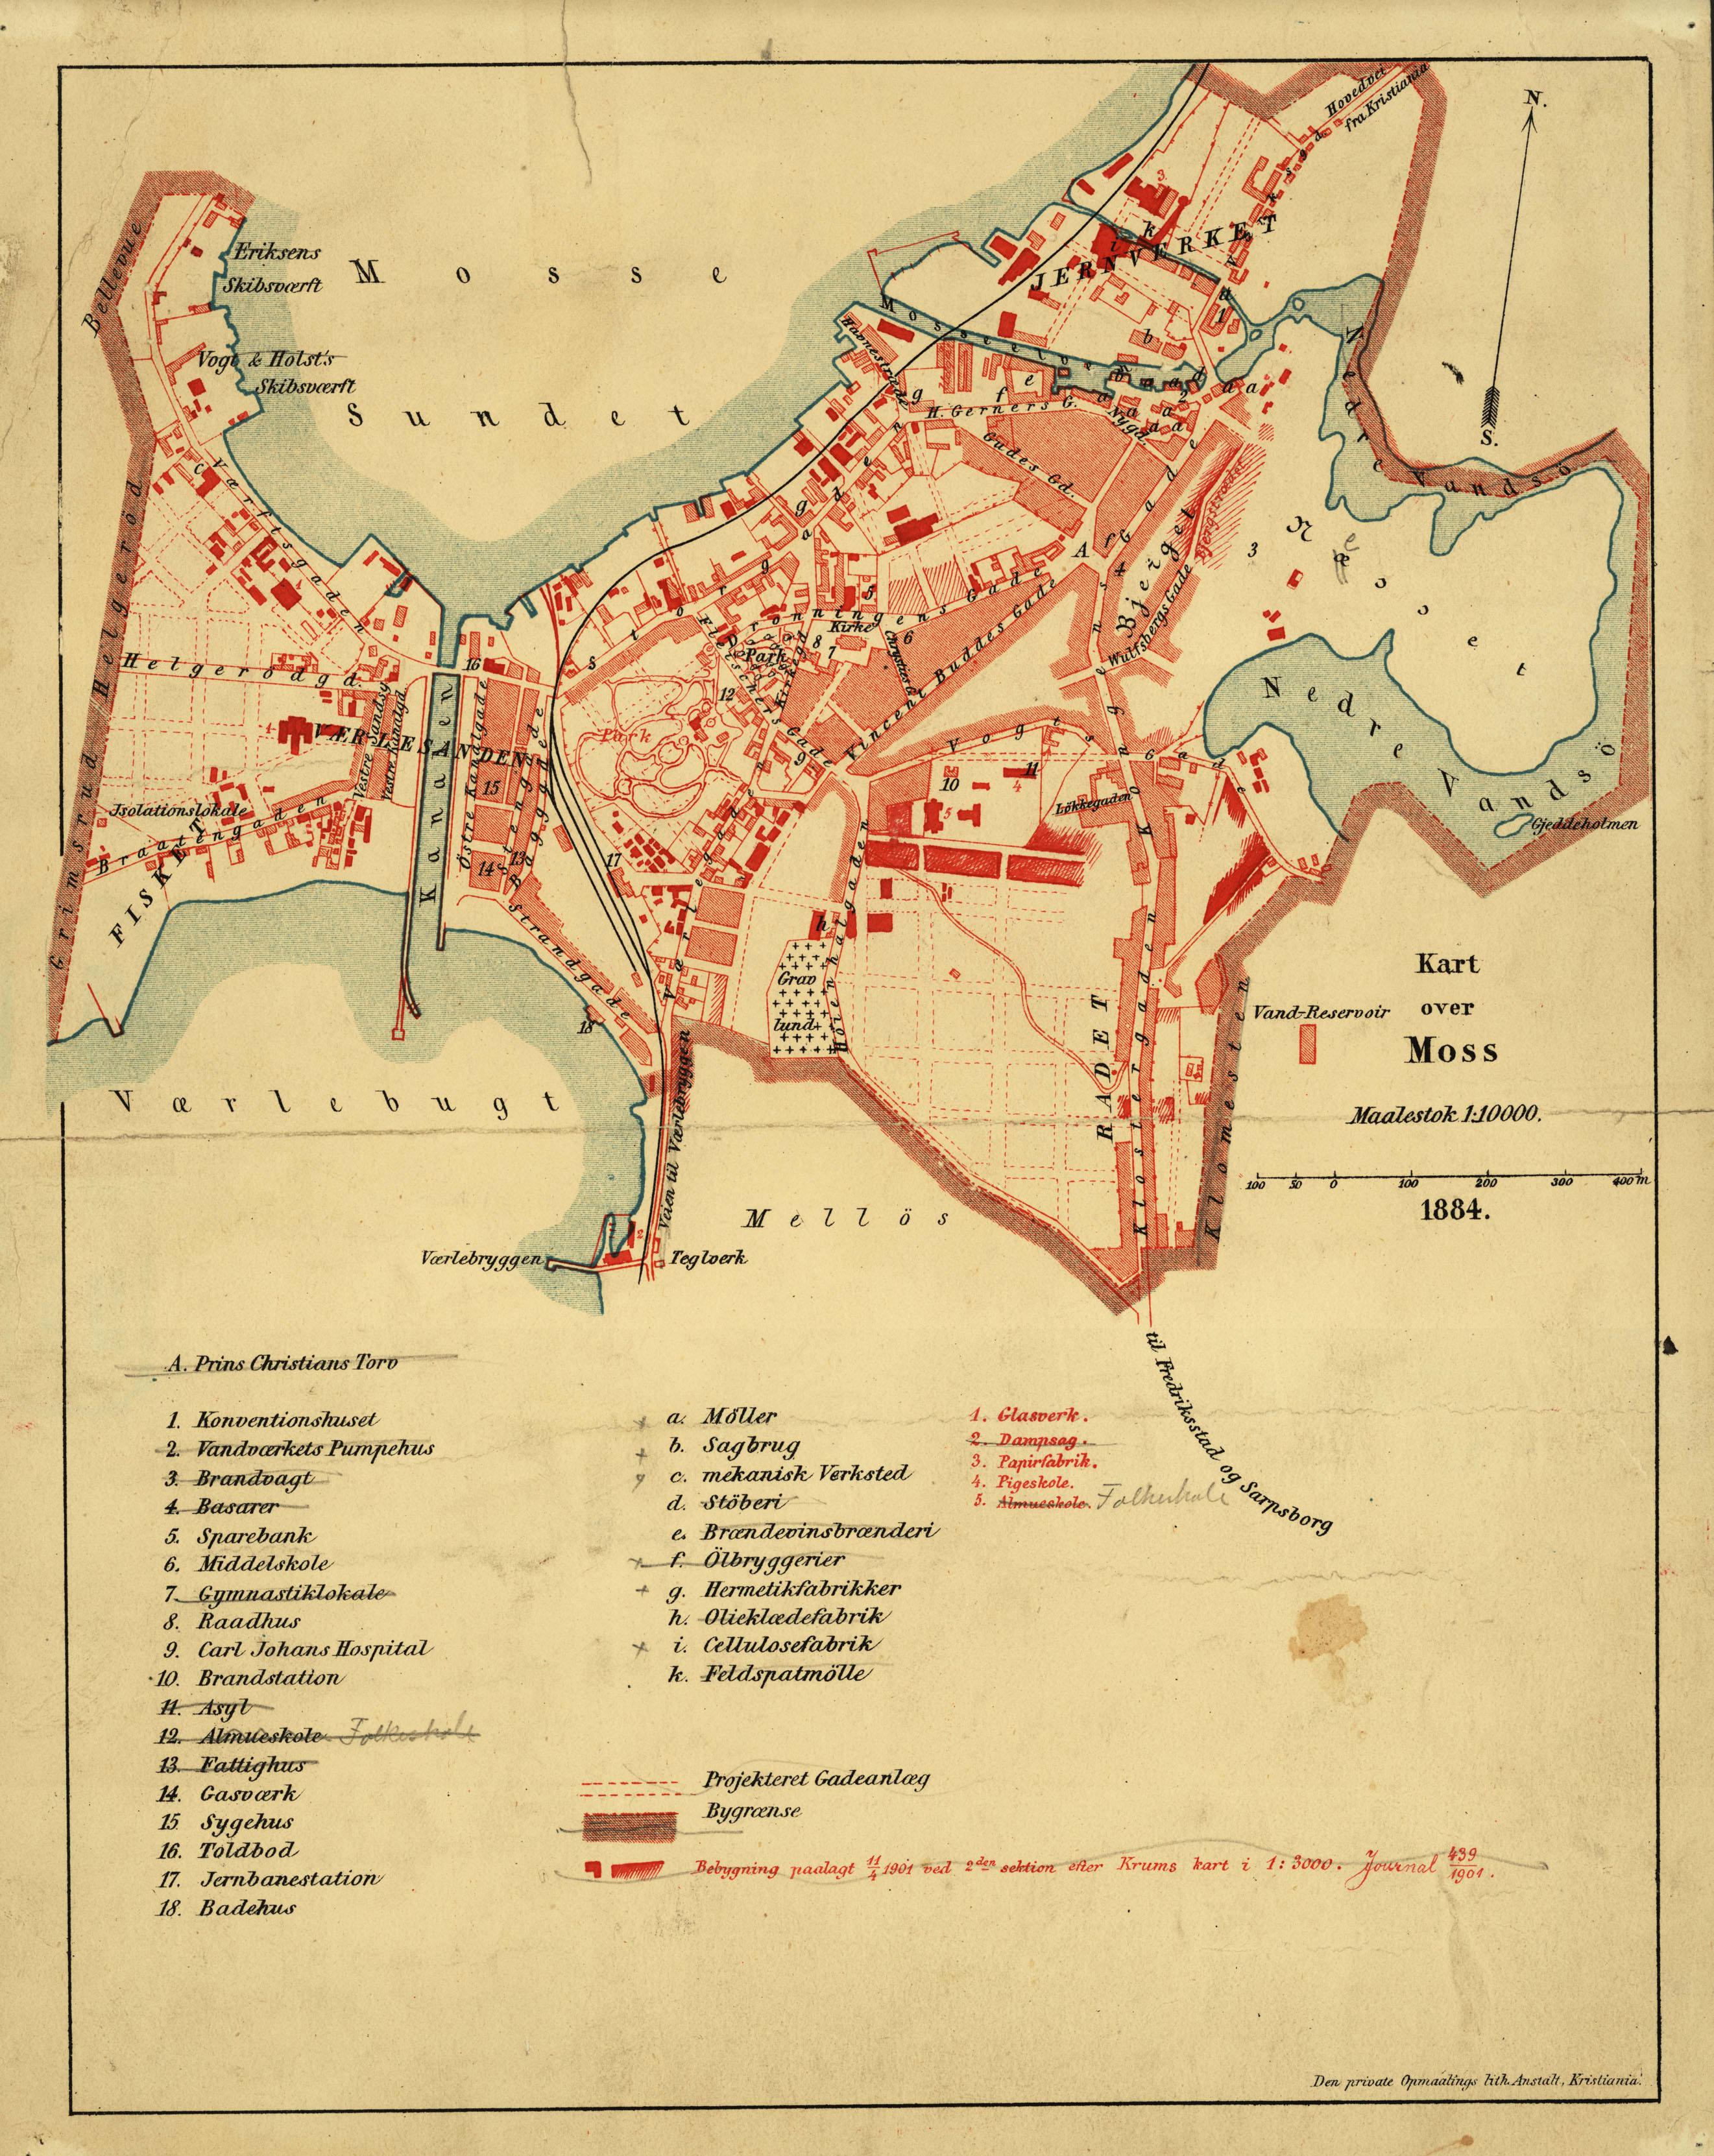 kart over moss File:Smålenenes amt nr 133  Kart over Moss, 1884.   Wikimedia  kart over moss